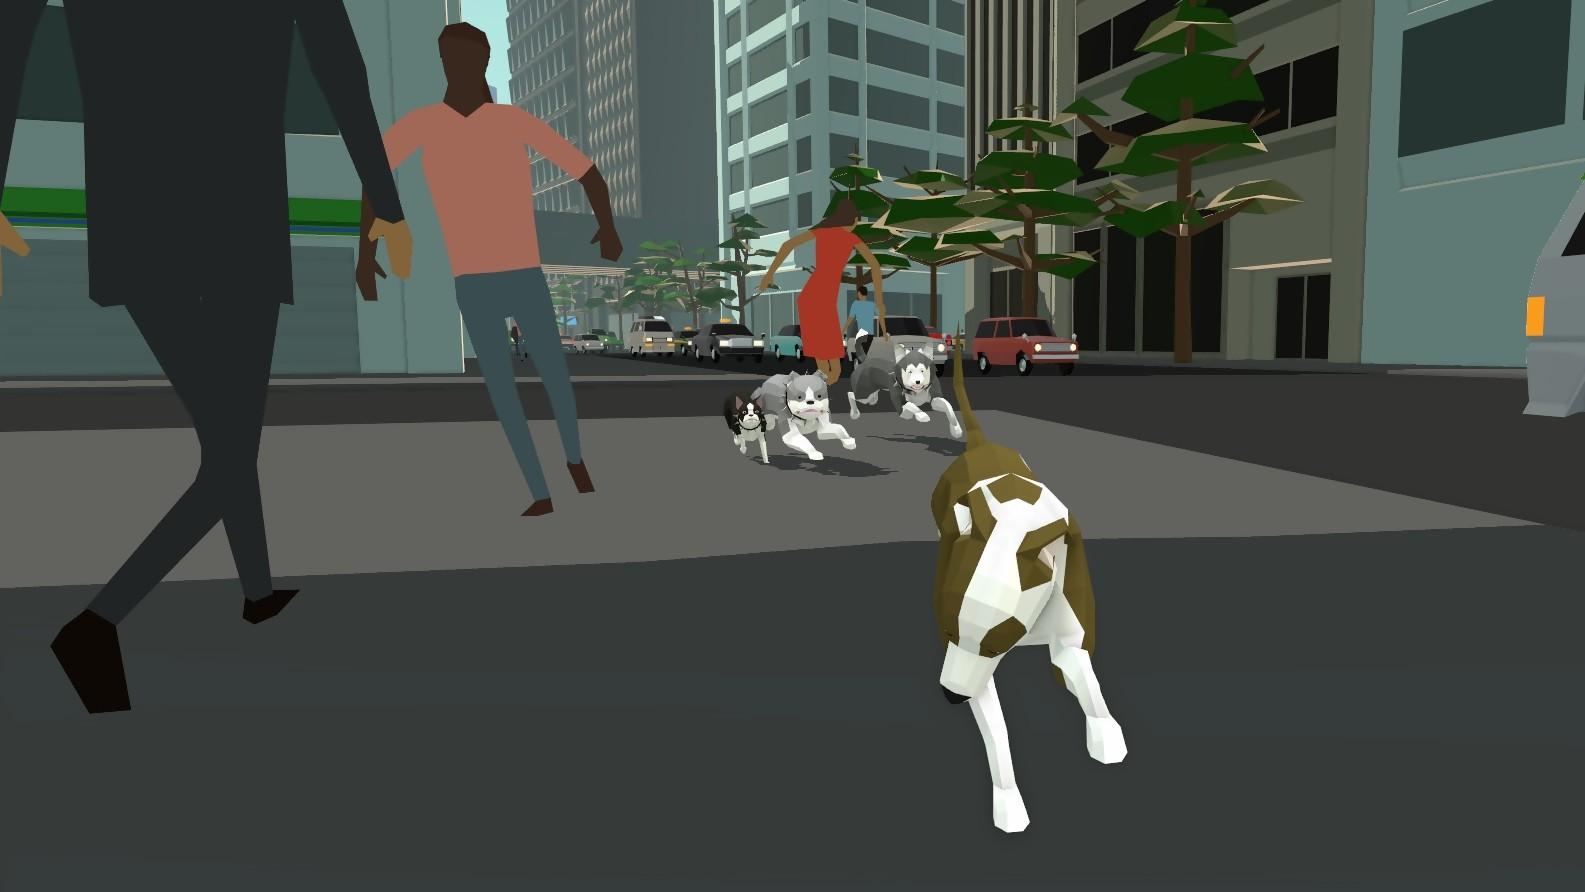 Home free trailer de gameplay sur ps4 - Jeux de chiens a s occuper ...